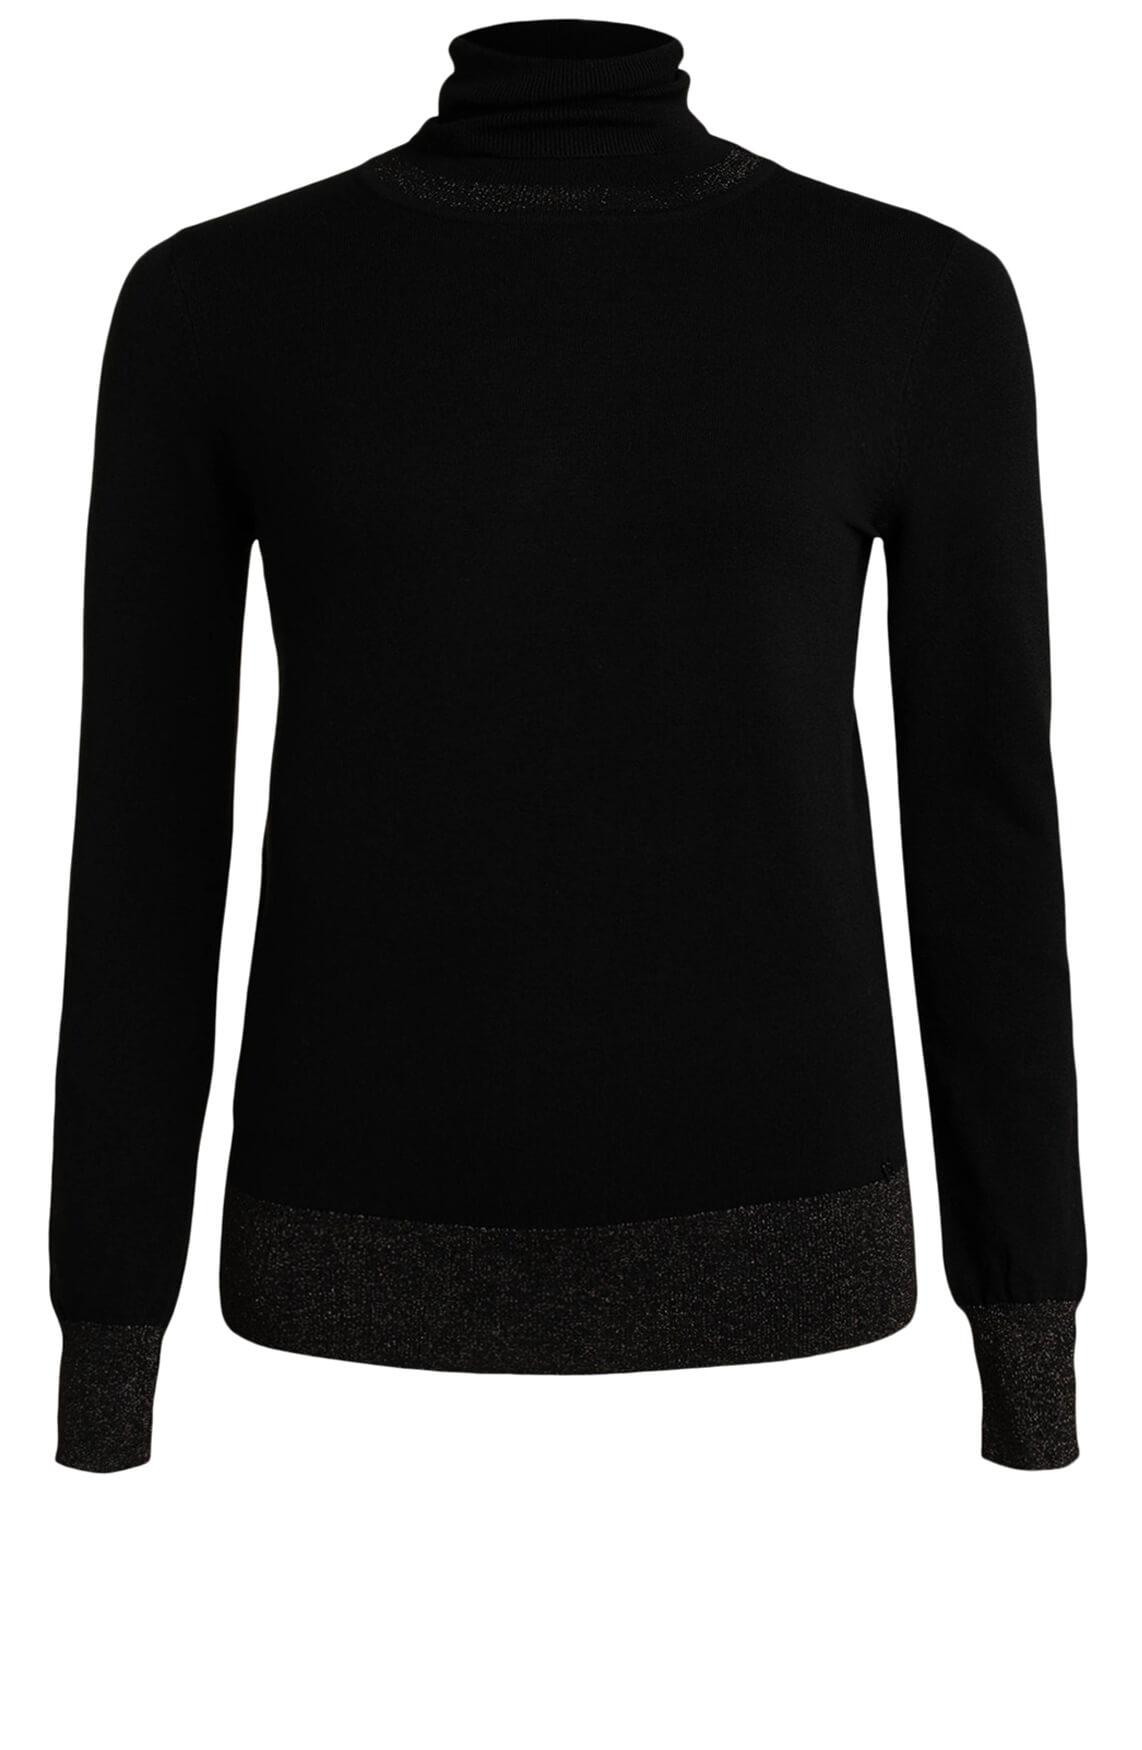 Kocca Dames Vally pullover zwart